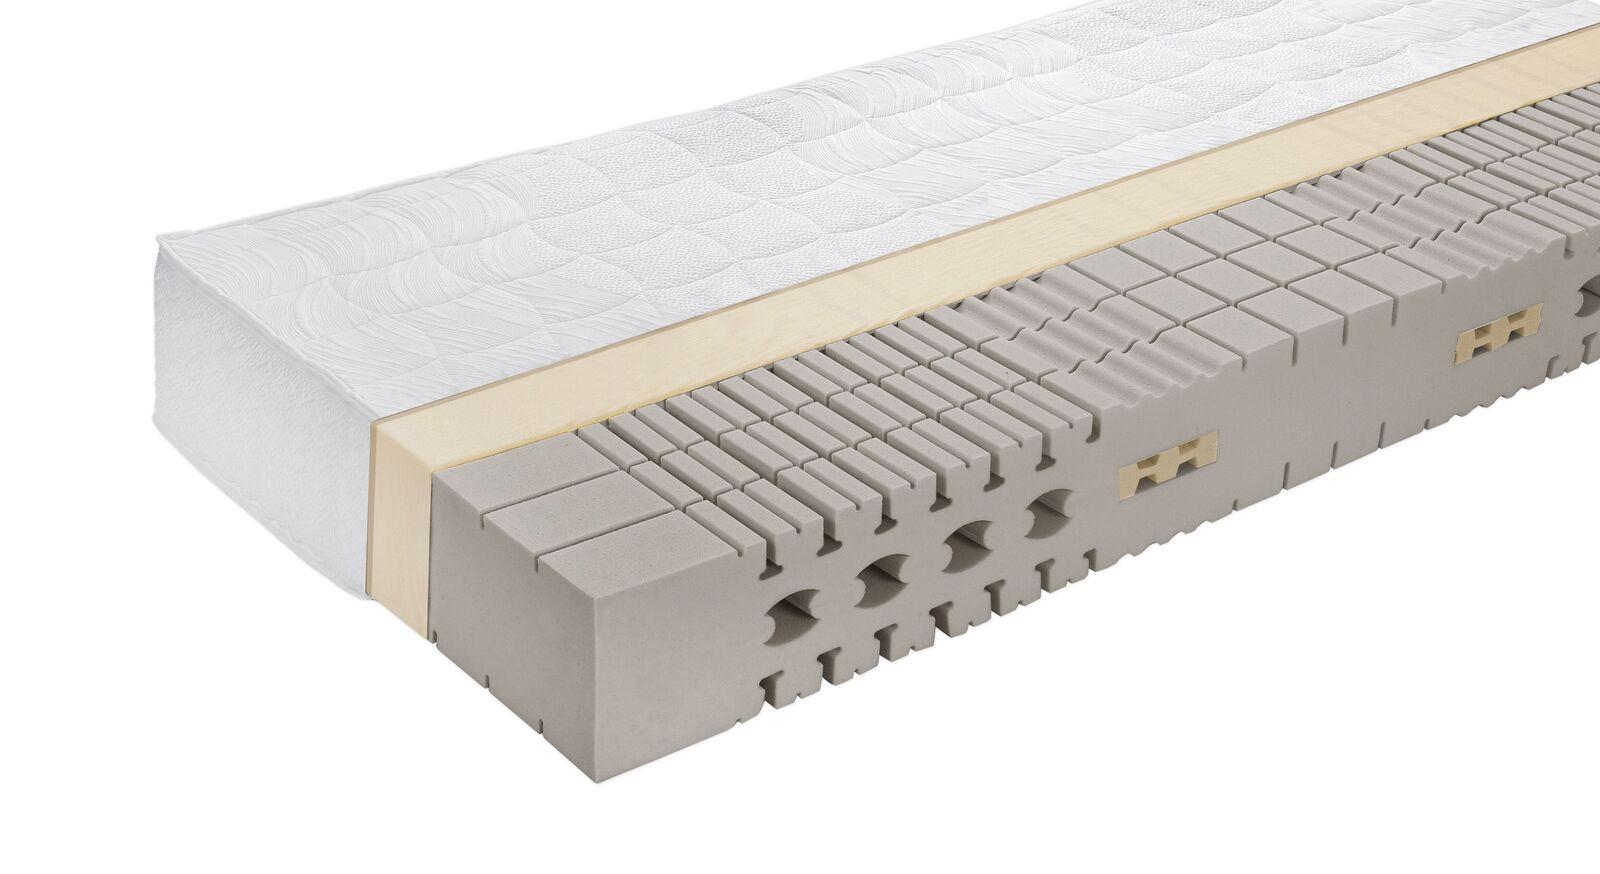 Kaltschaum-Matratze orthowell luxus mit optimaler Anpassung